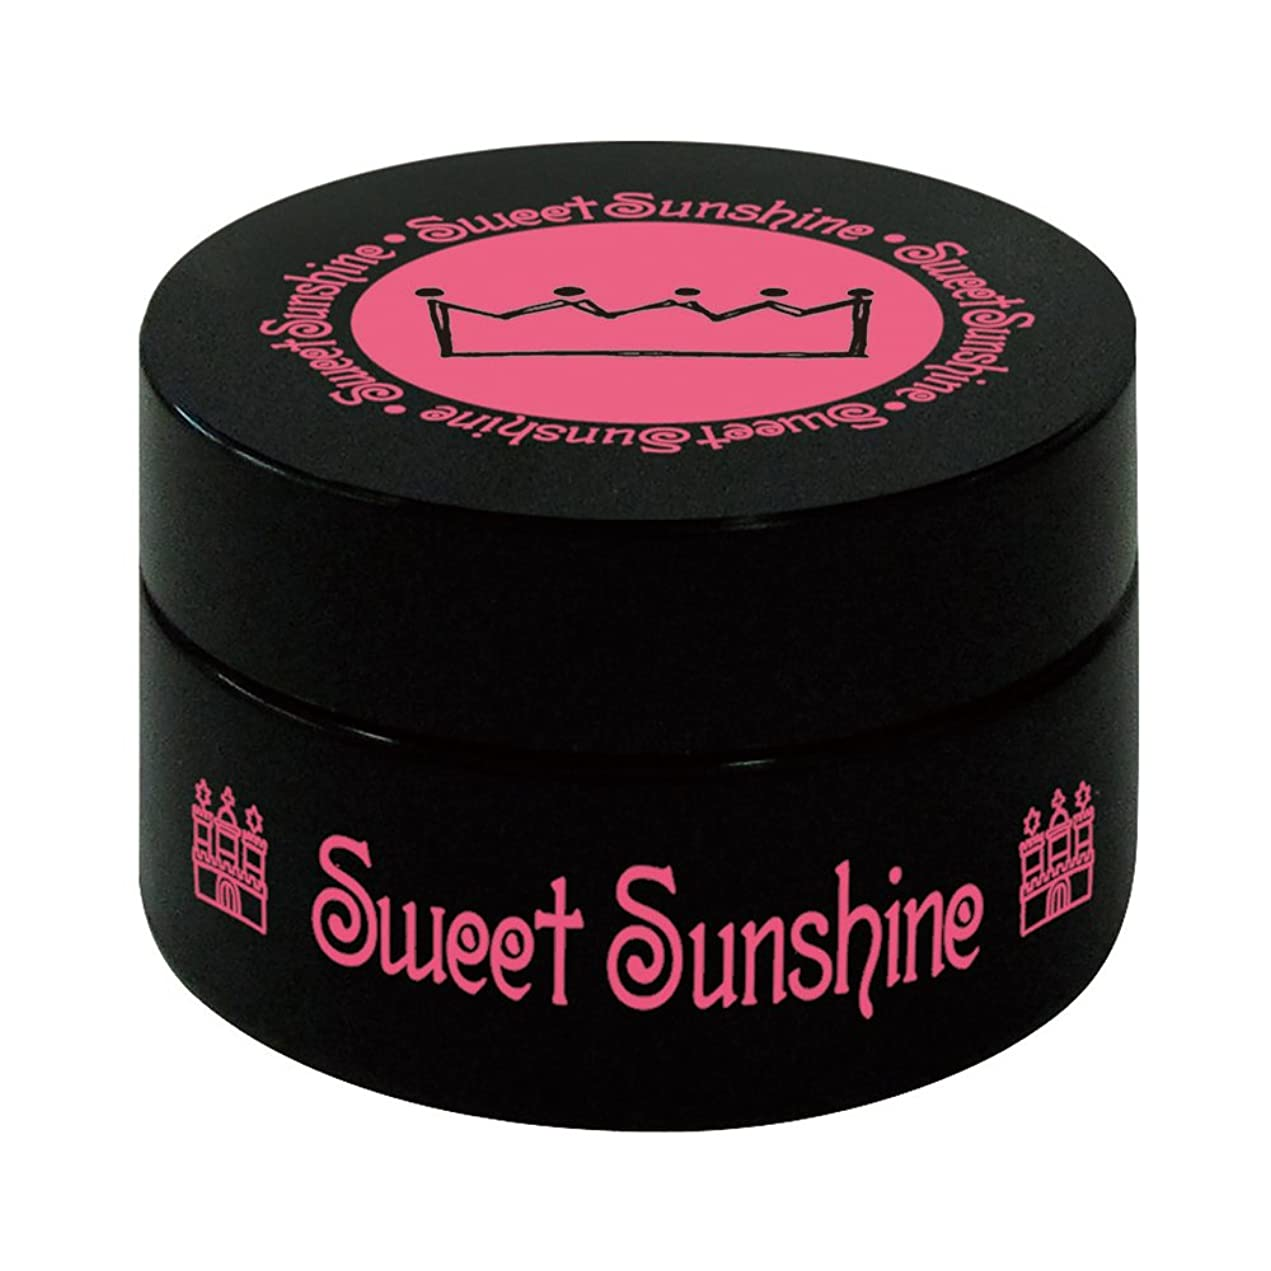 やがてアフリカ固執最速硬化LED対応 Sweet Sunshine スィート サンシャイン カラージェル SC-11 4g サマーパステルイエロー